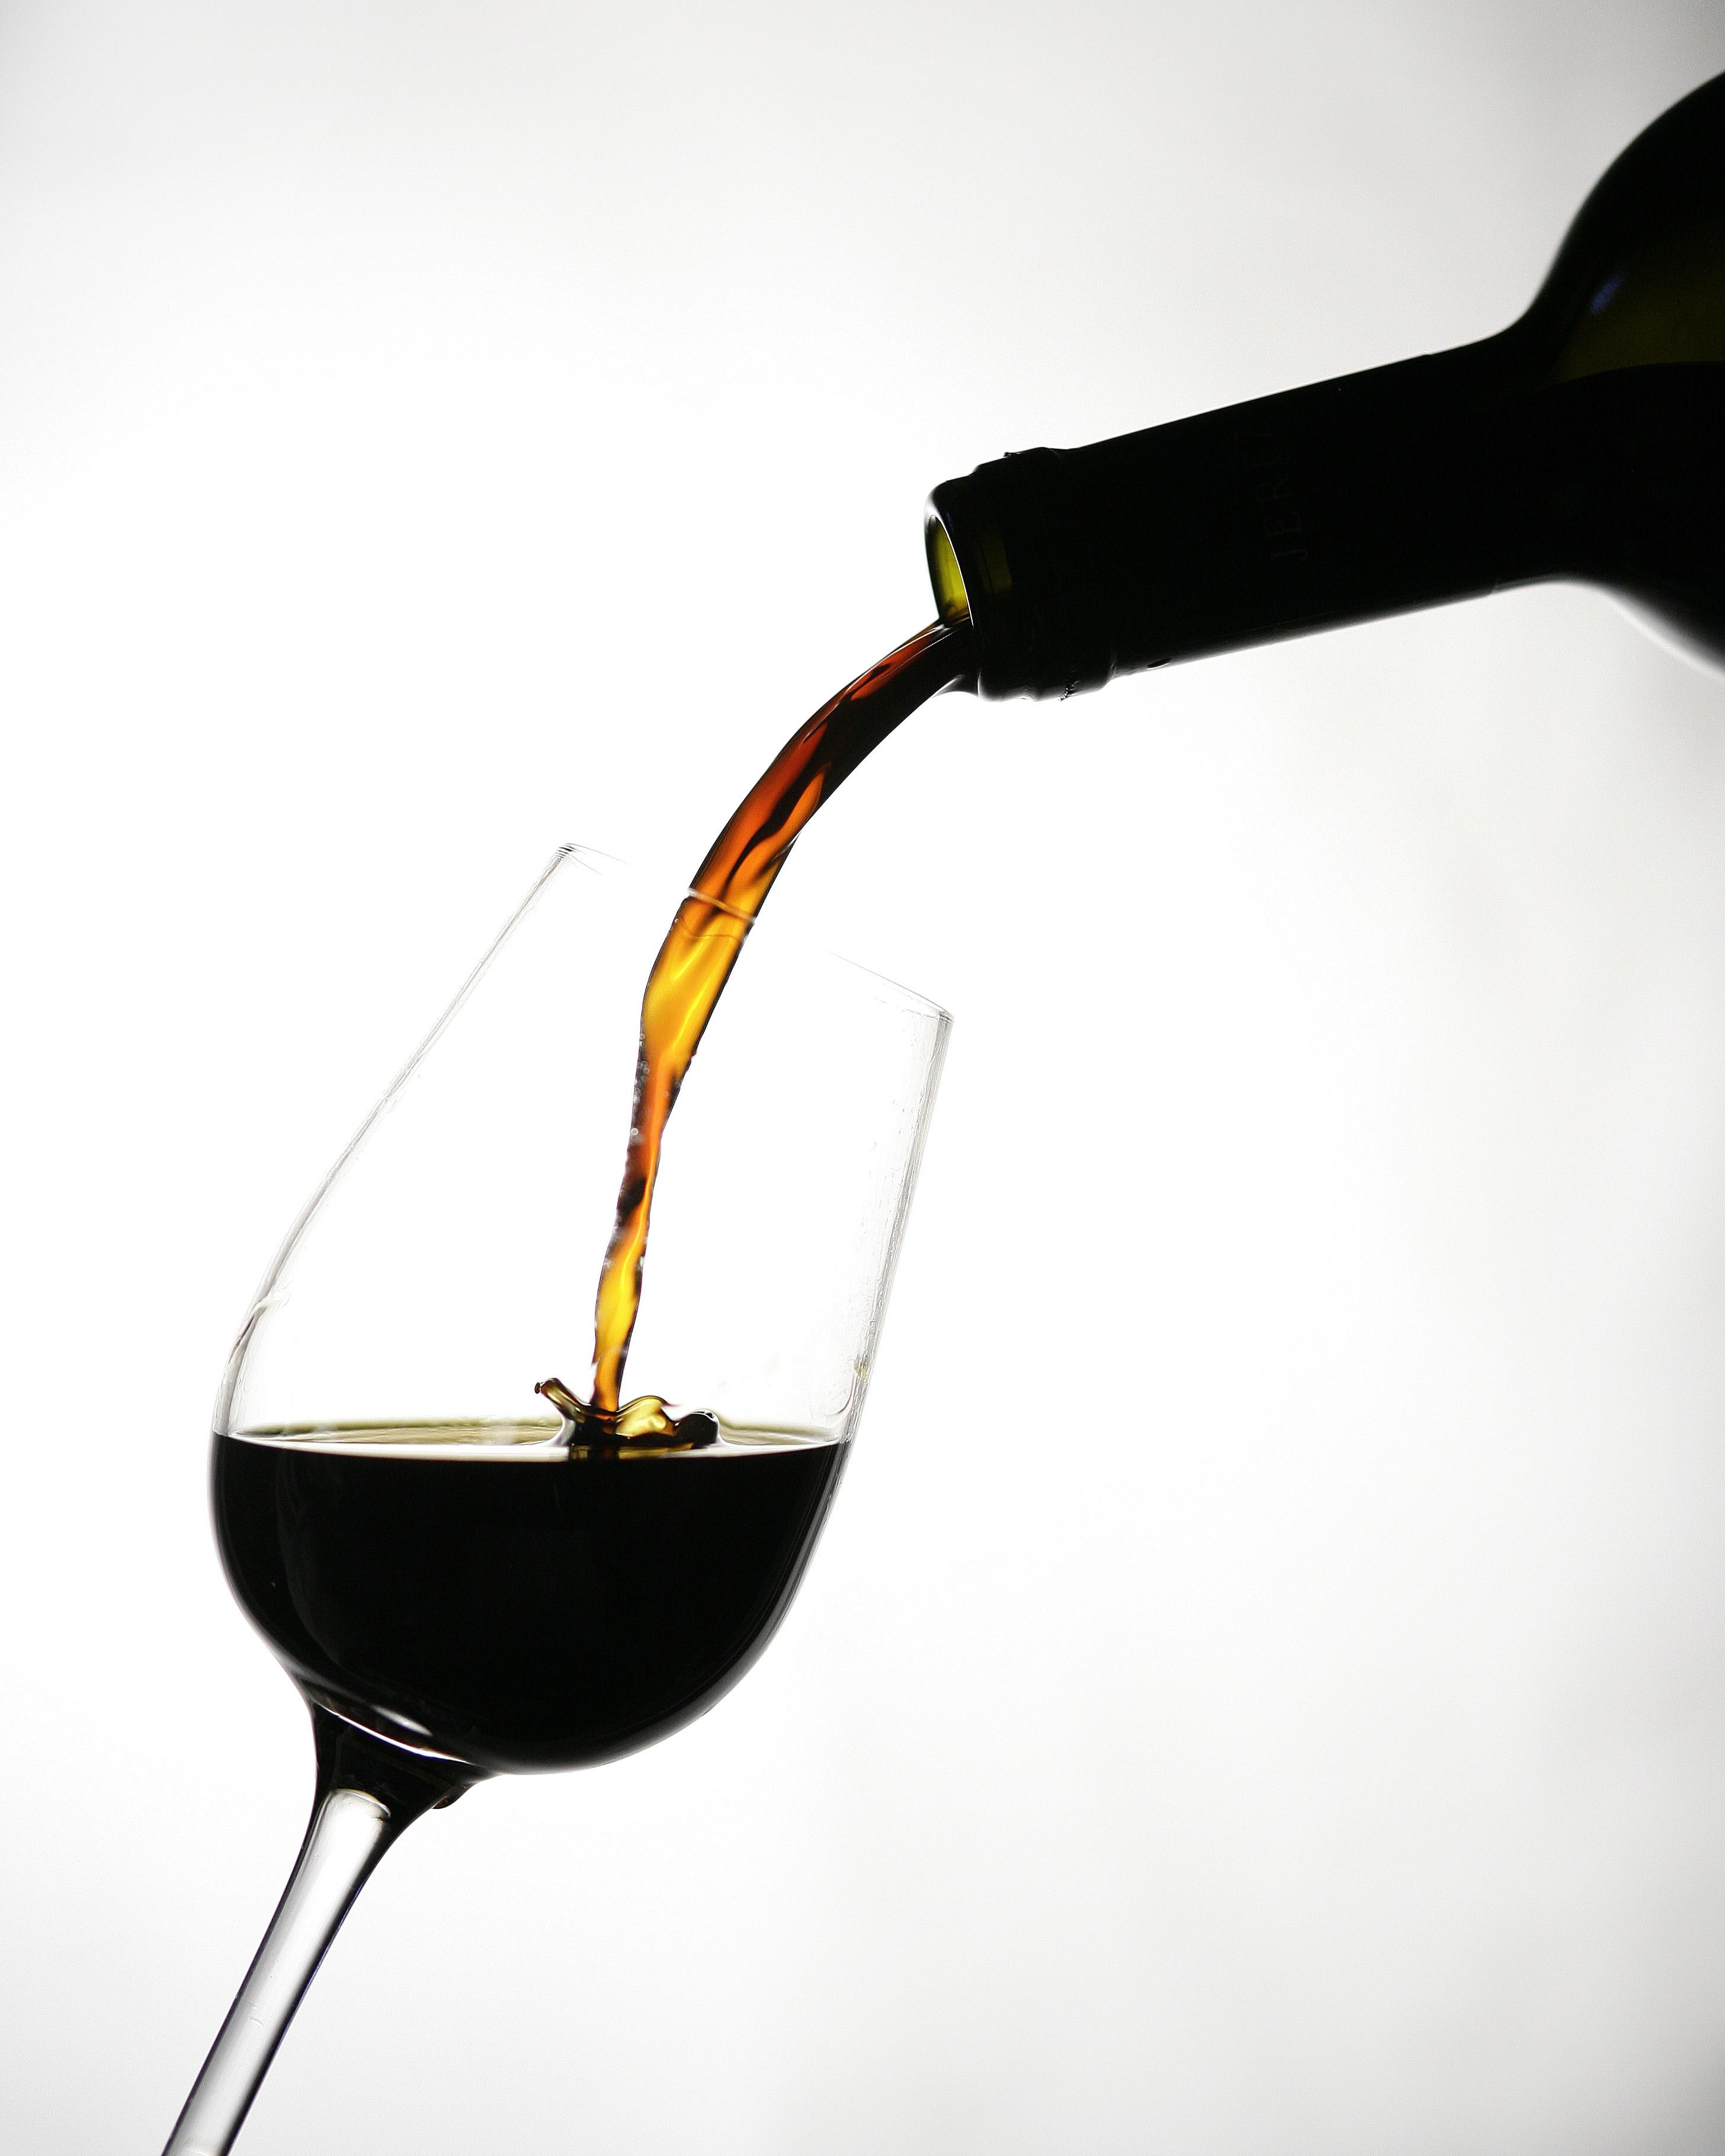 もみじ饅頭にあうワインは?